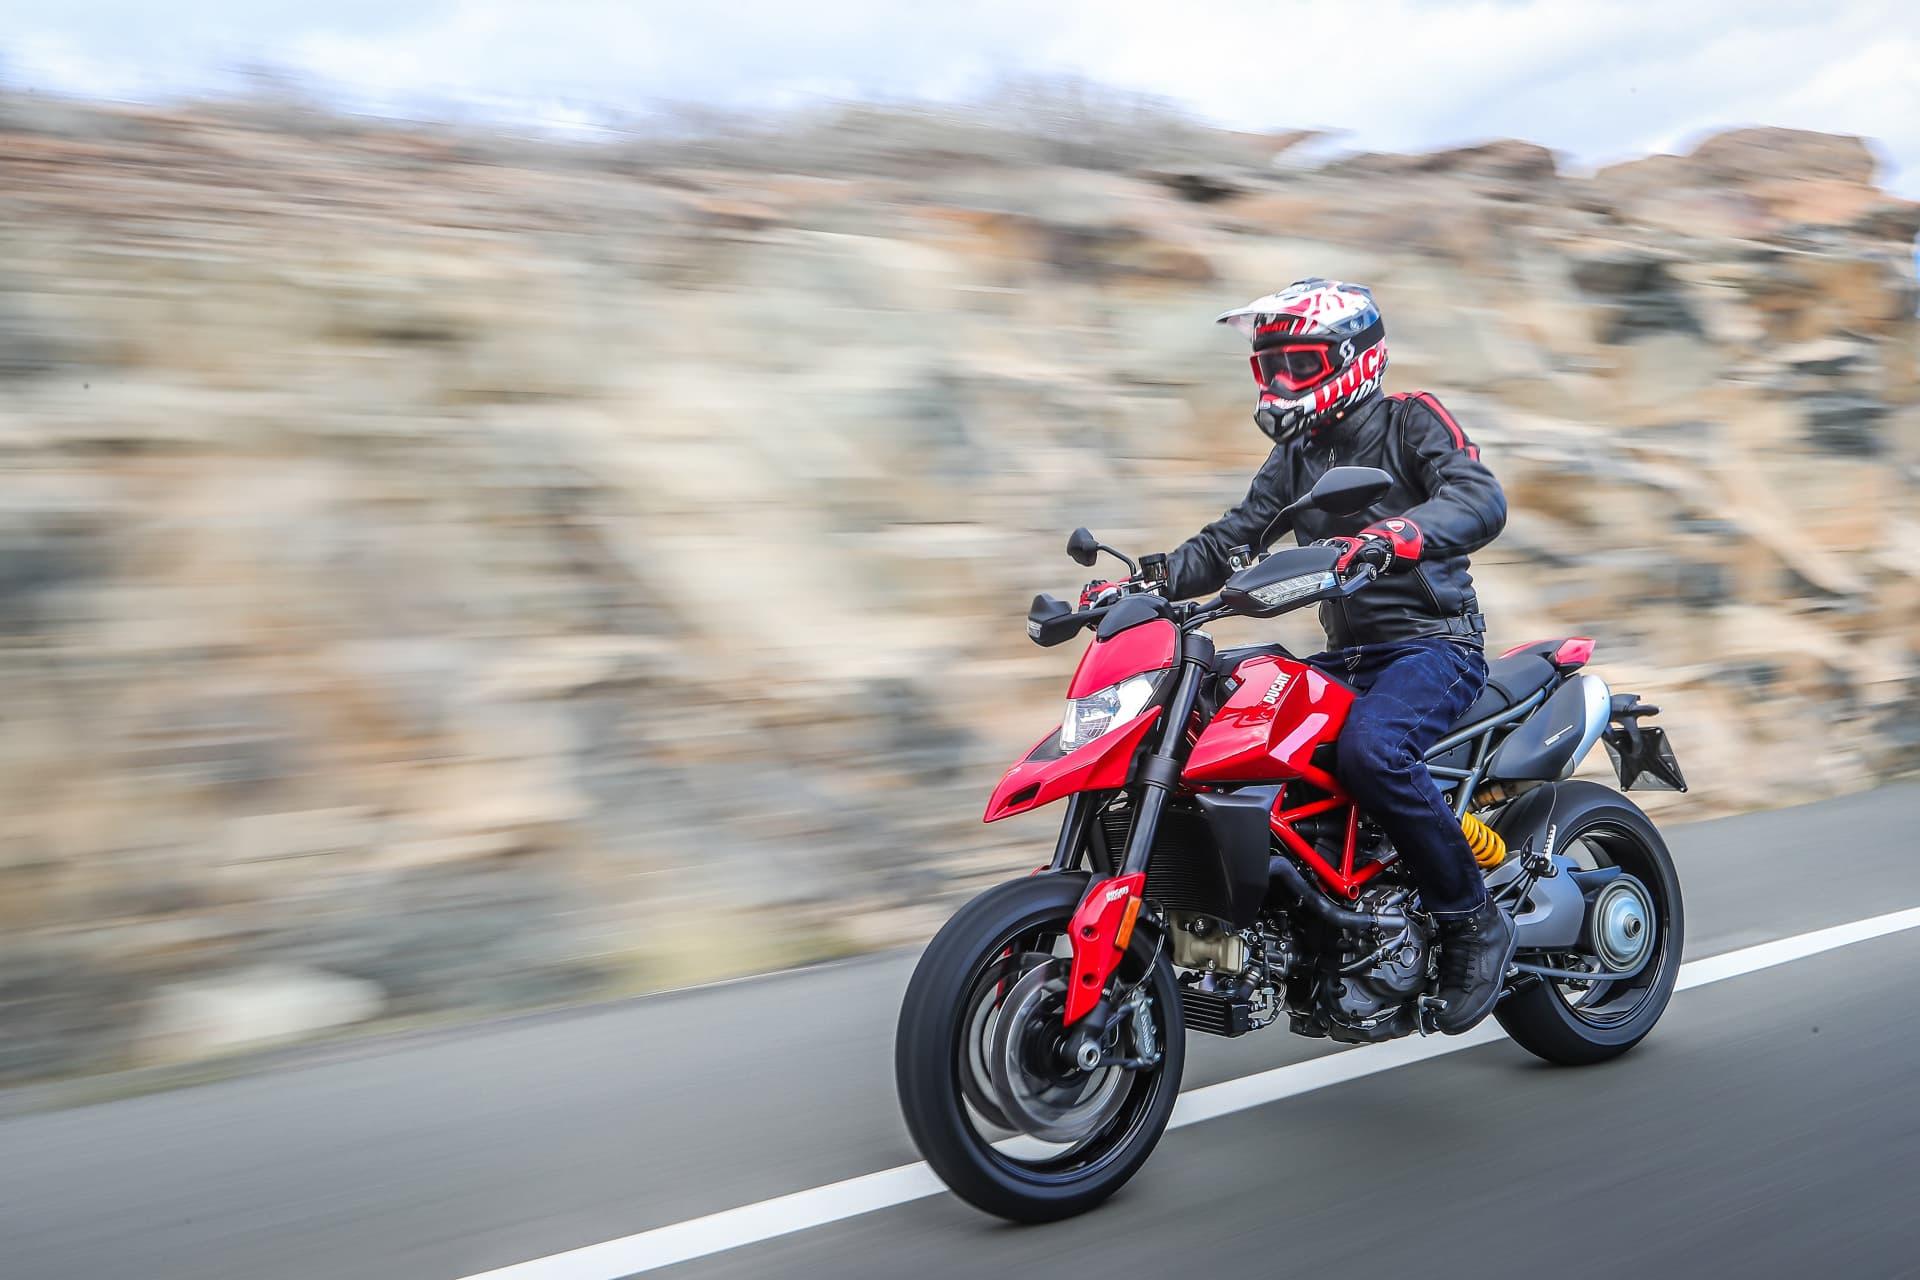 Ducati Hypermotard 950 Action 02 Uc70361 Mid